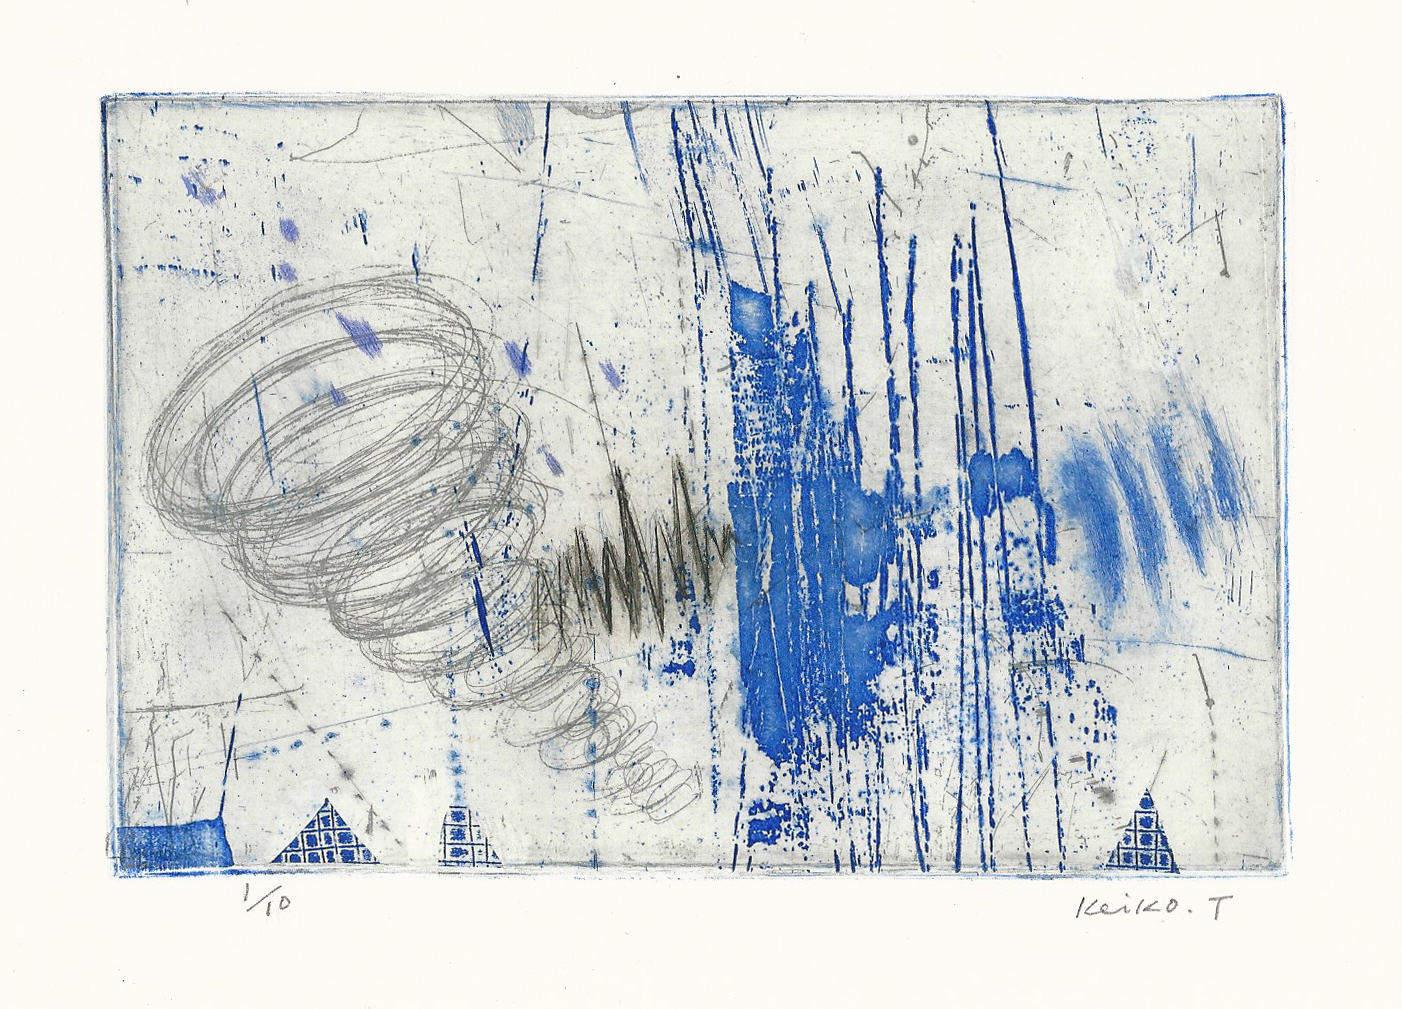 Keiko Tsuda | TEMPESTOSO | etching, drypoint | 4x6 | 2016